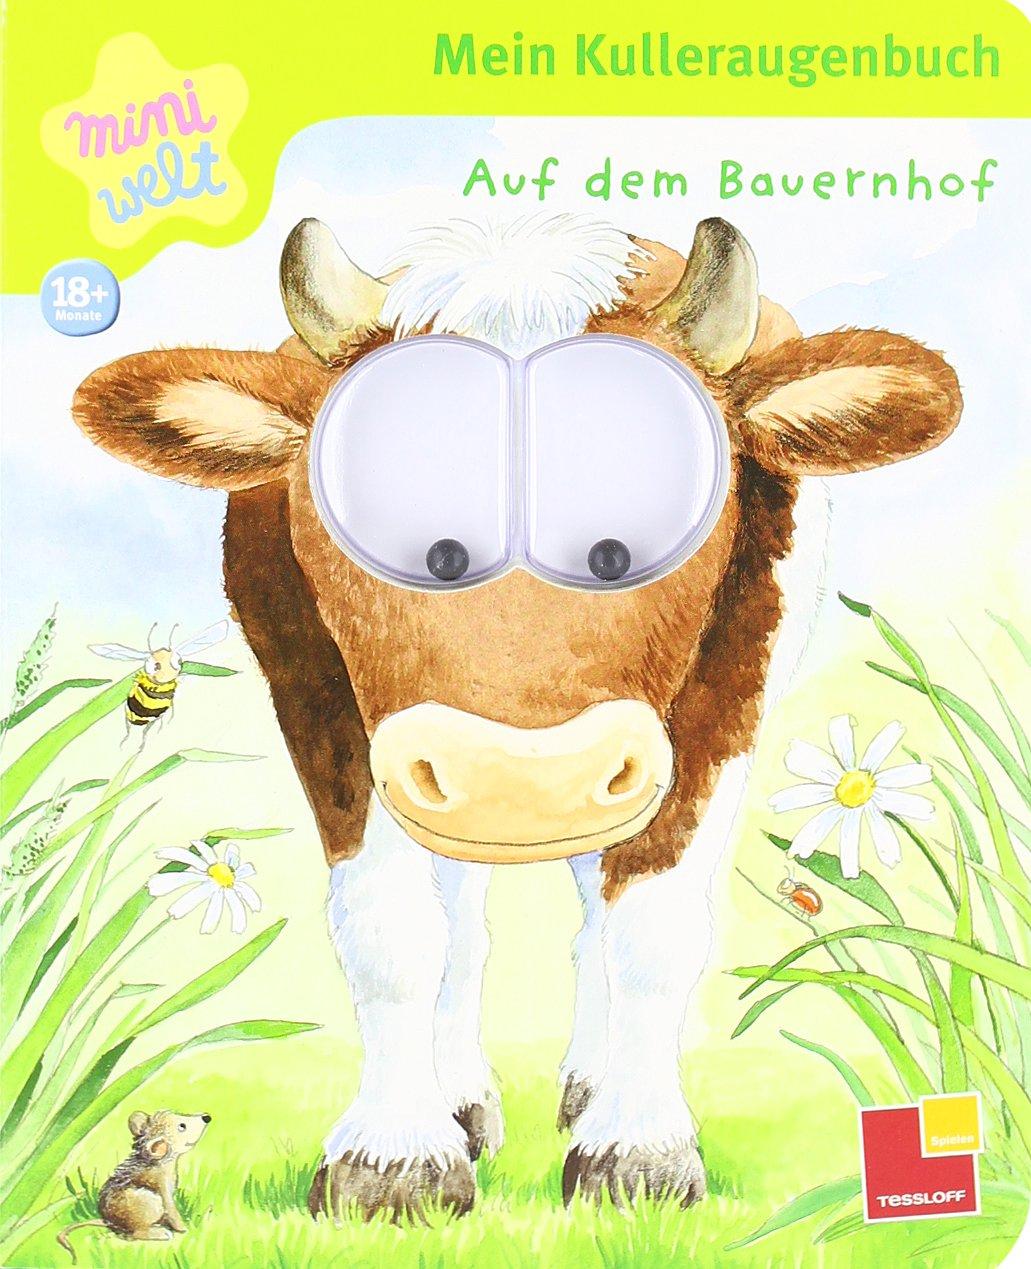 Miniwelt: Mein Kulleraugenbuch. Auf dem Bauernhof